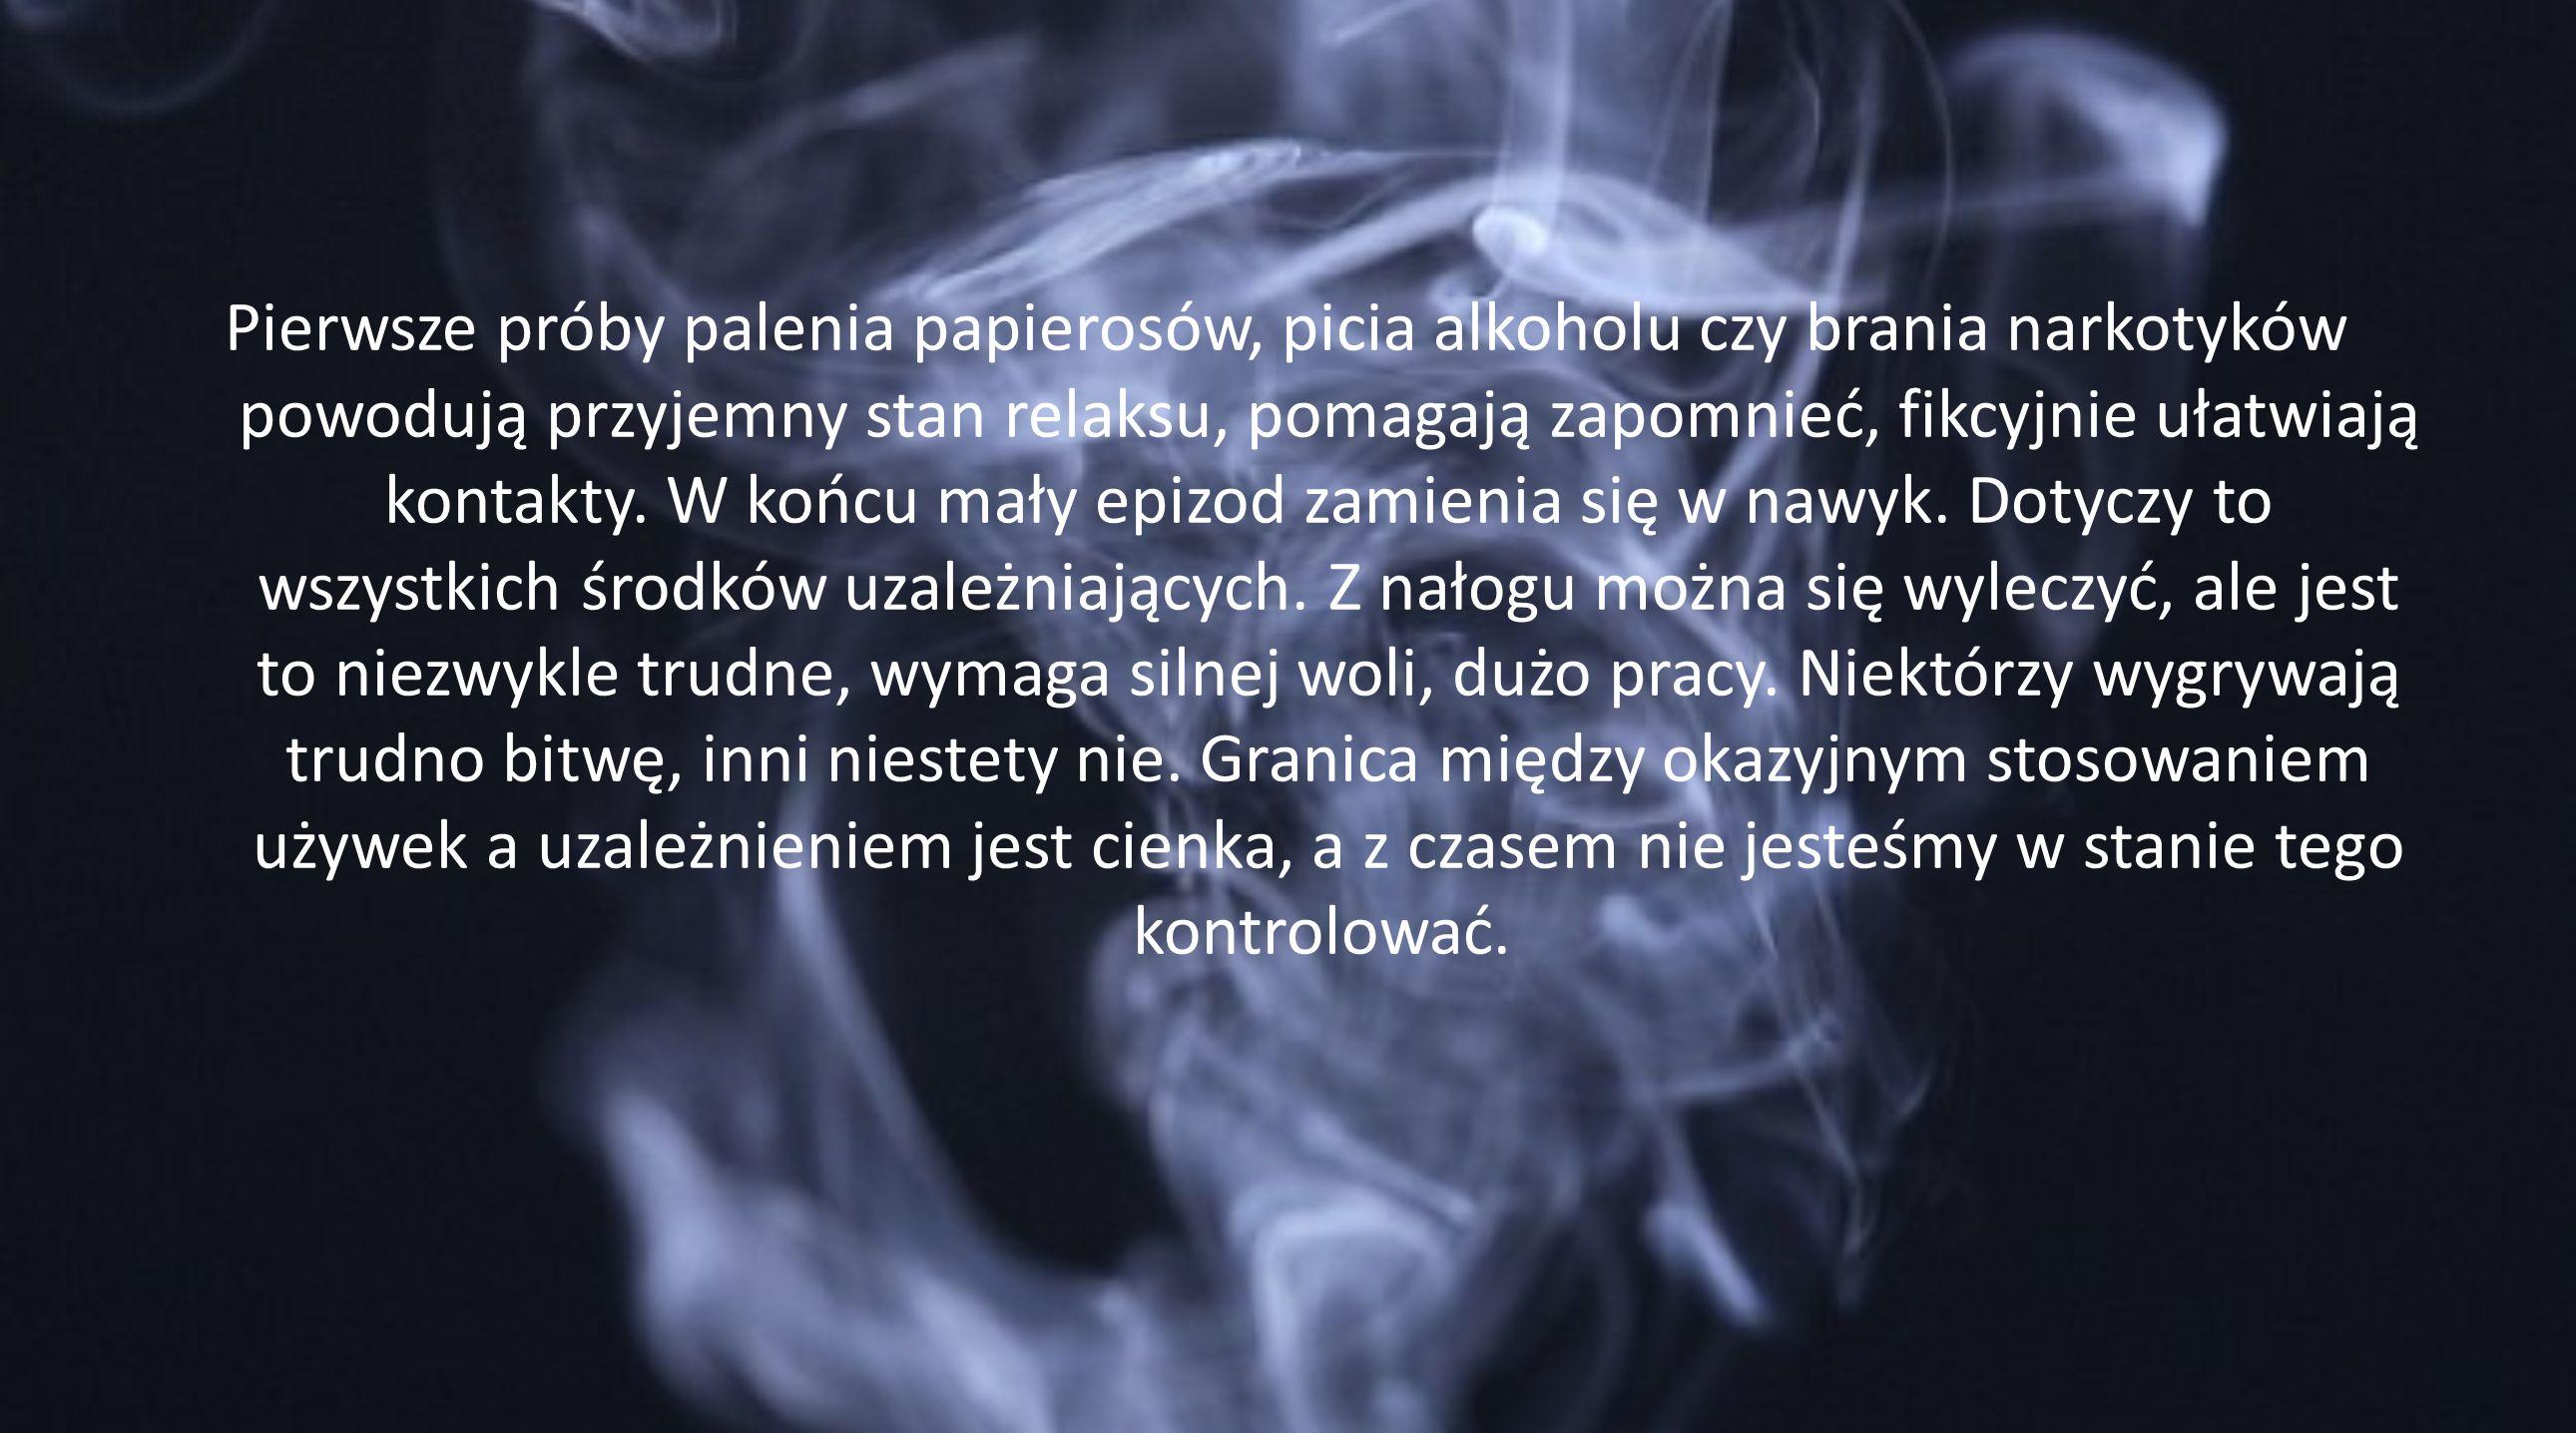 Pierwsze próby palenia papierosów, picia alkoholu czy brania narkotyków powodują przyjemny stan relaksu, pomagają zapomnieć, fikcyjnie ułatwiają kontakty.